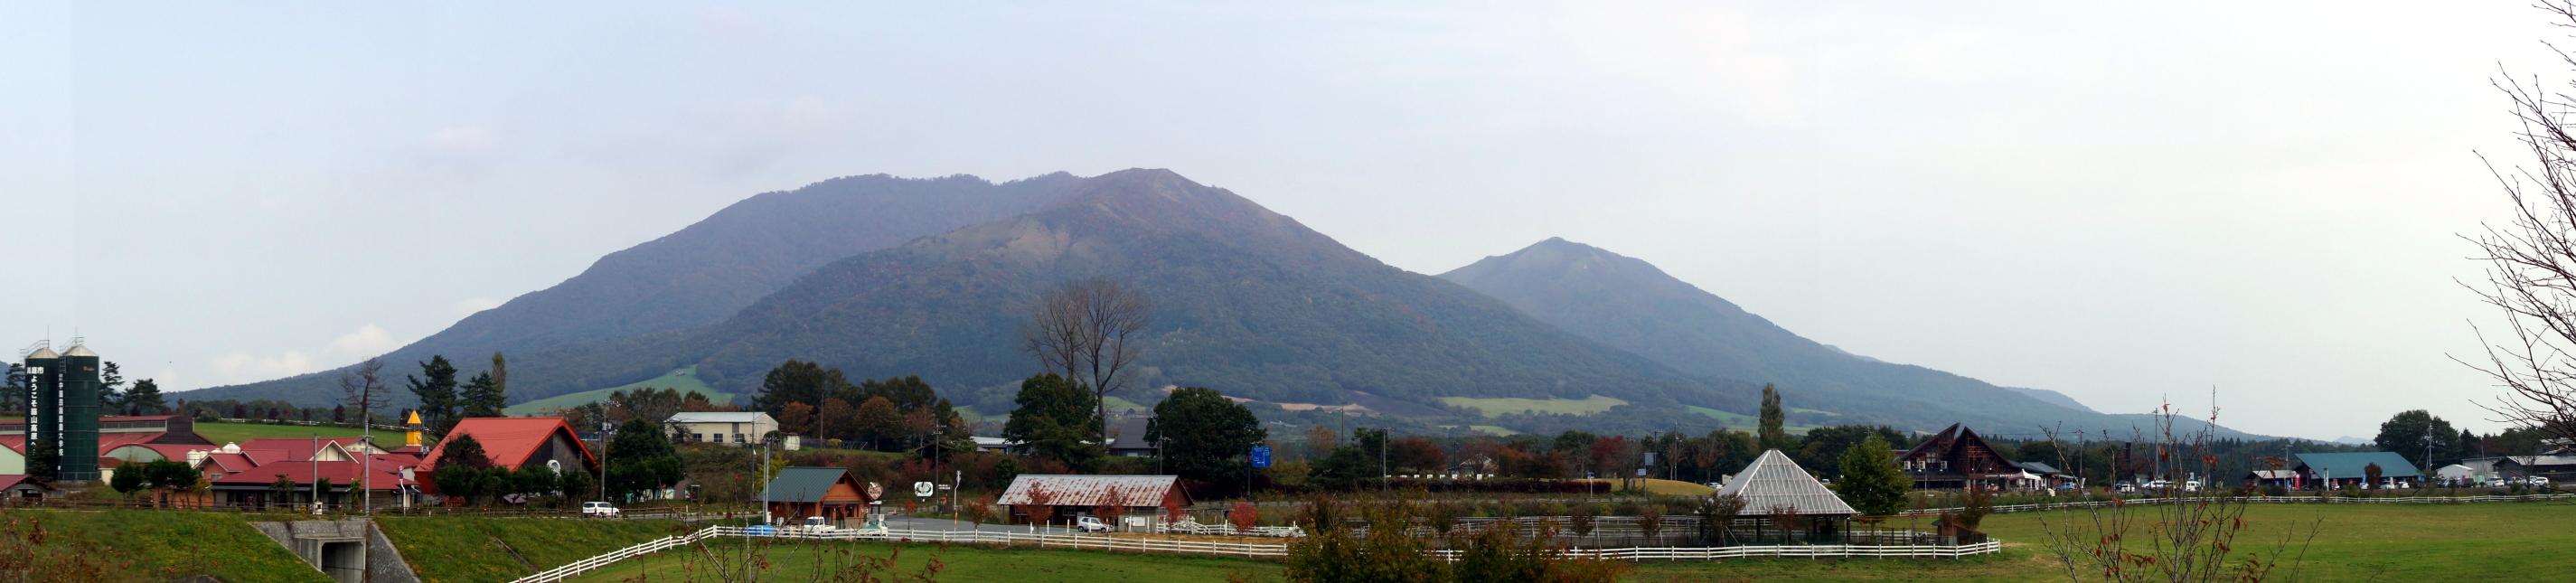 hiruzen-heights-panorama2